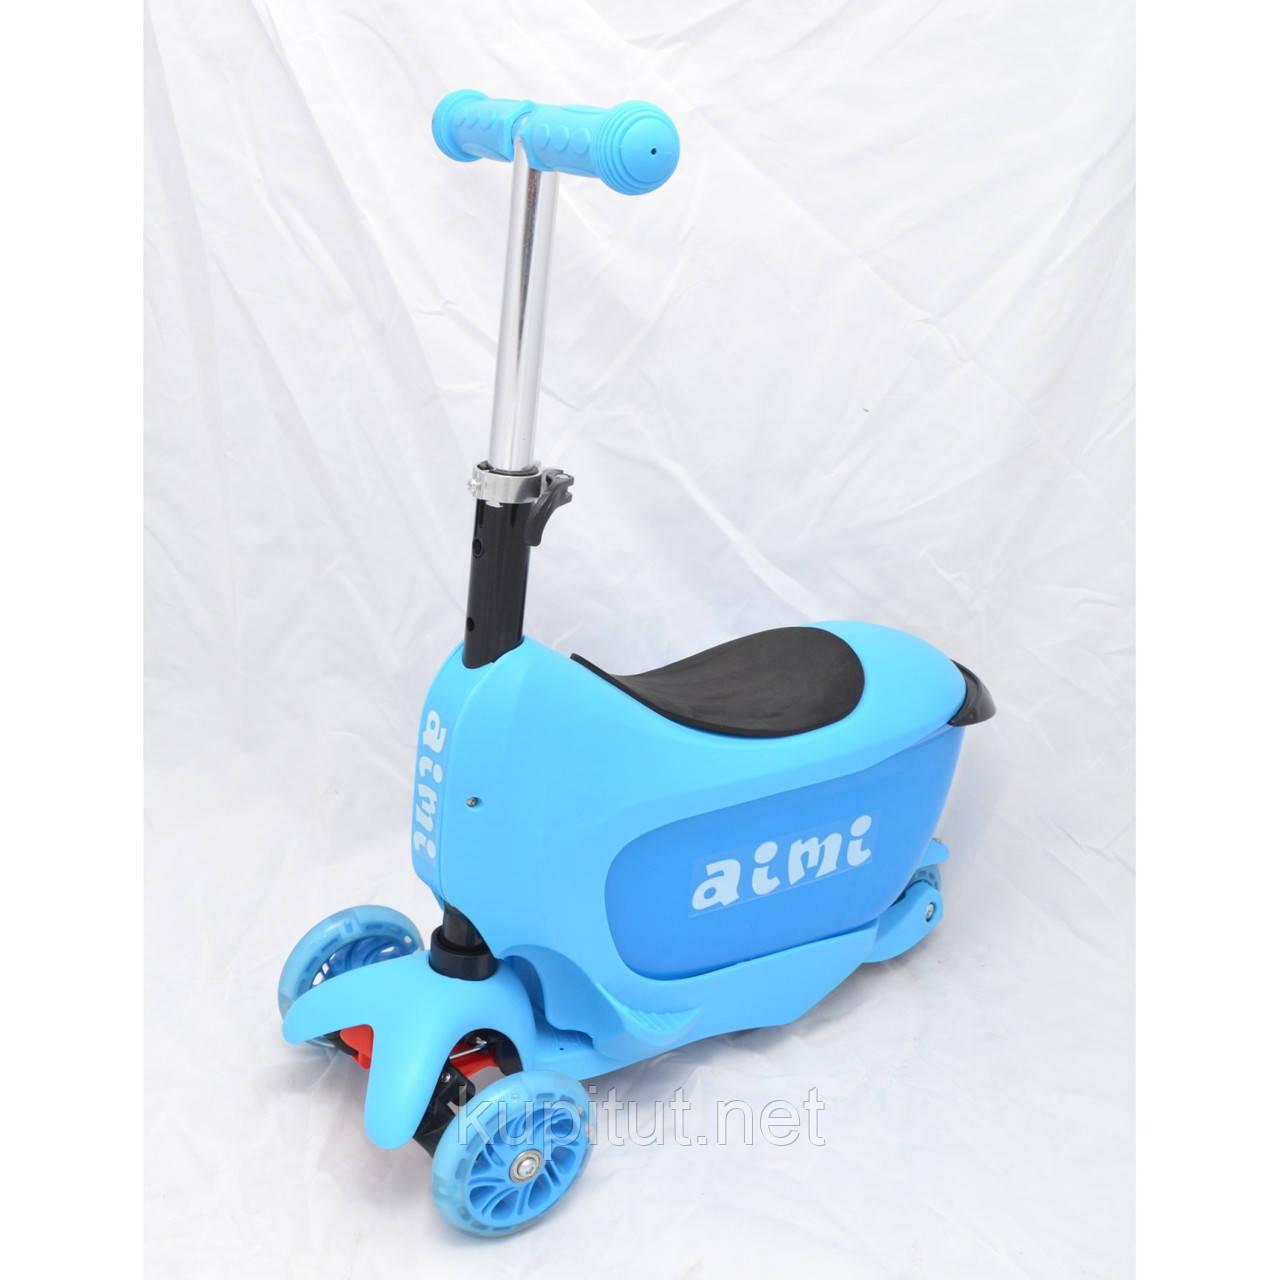 Детский трехколесный самокат с багажником 00130 голубой